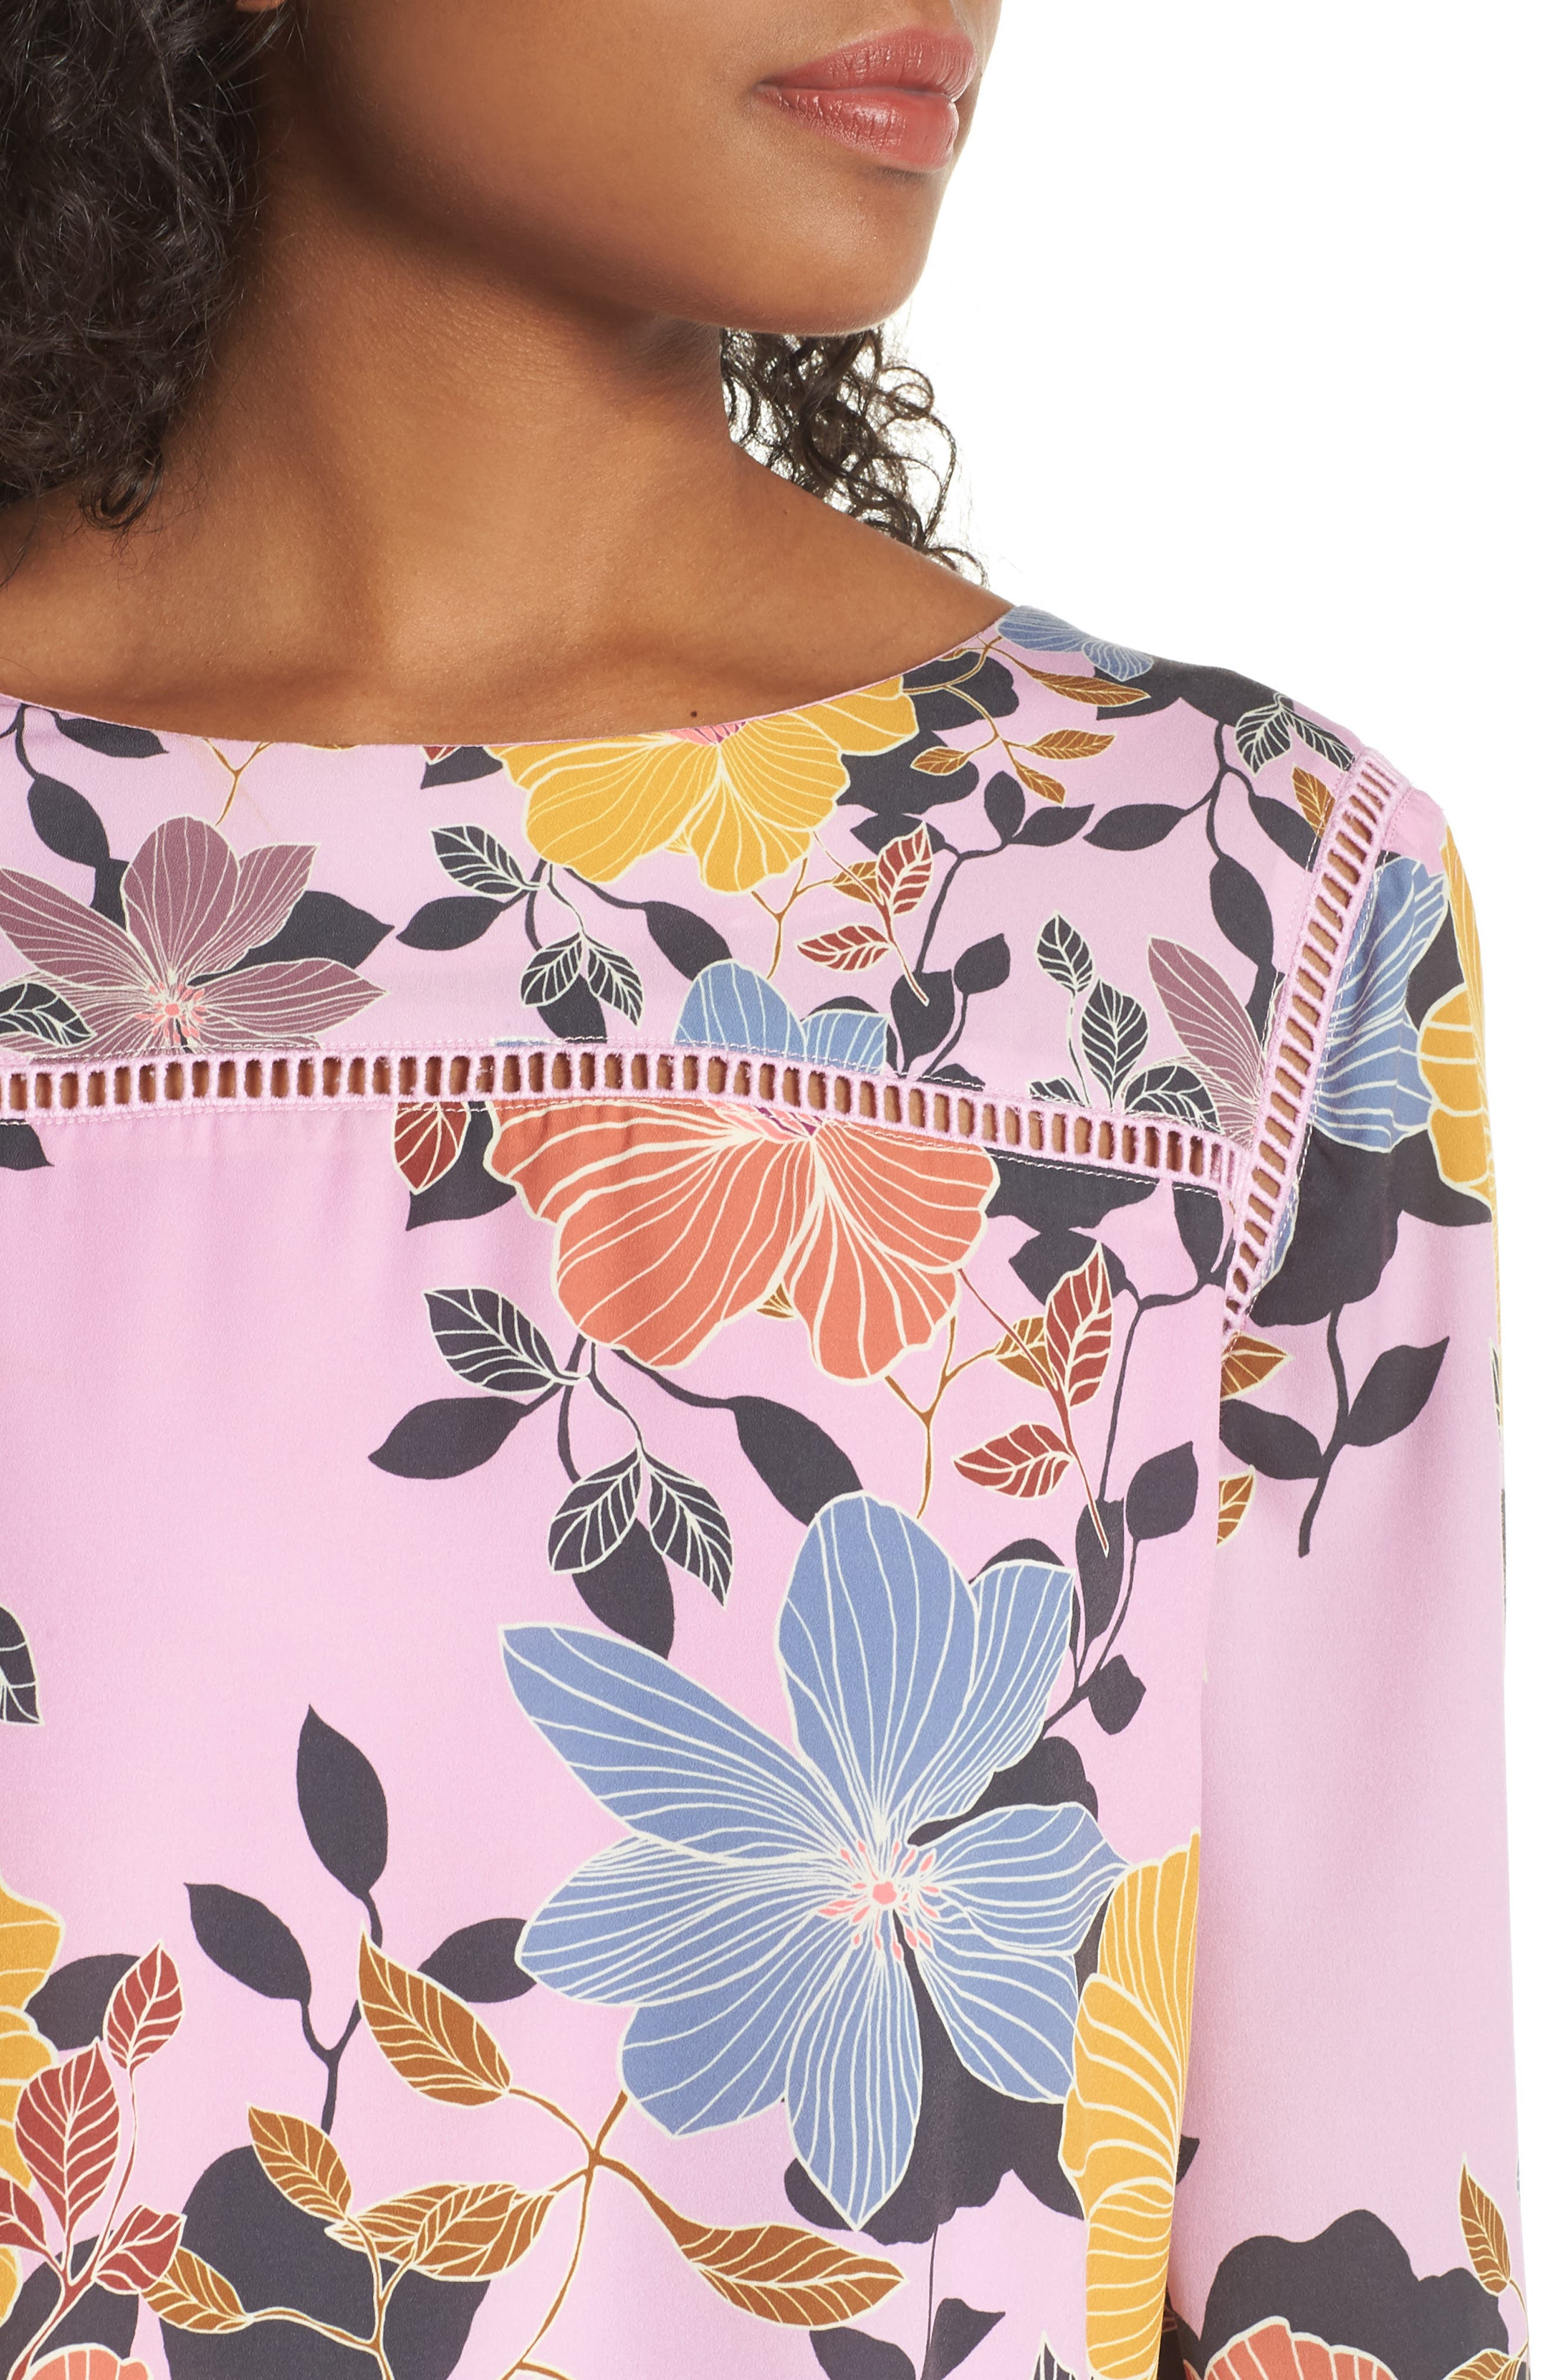 Shikoku Floral Crepe Shift Dress,                             Alternate thumbnail 4, color,                             530